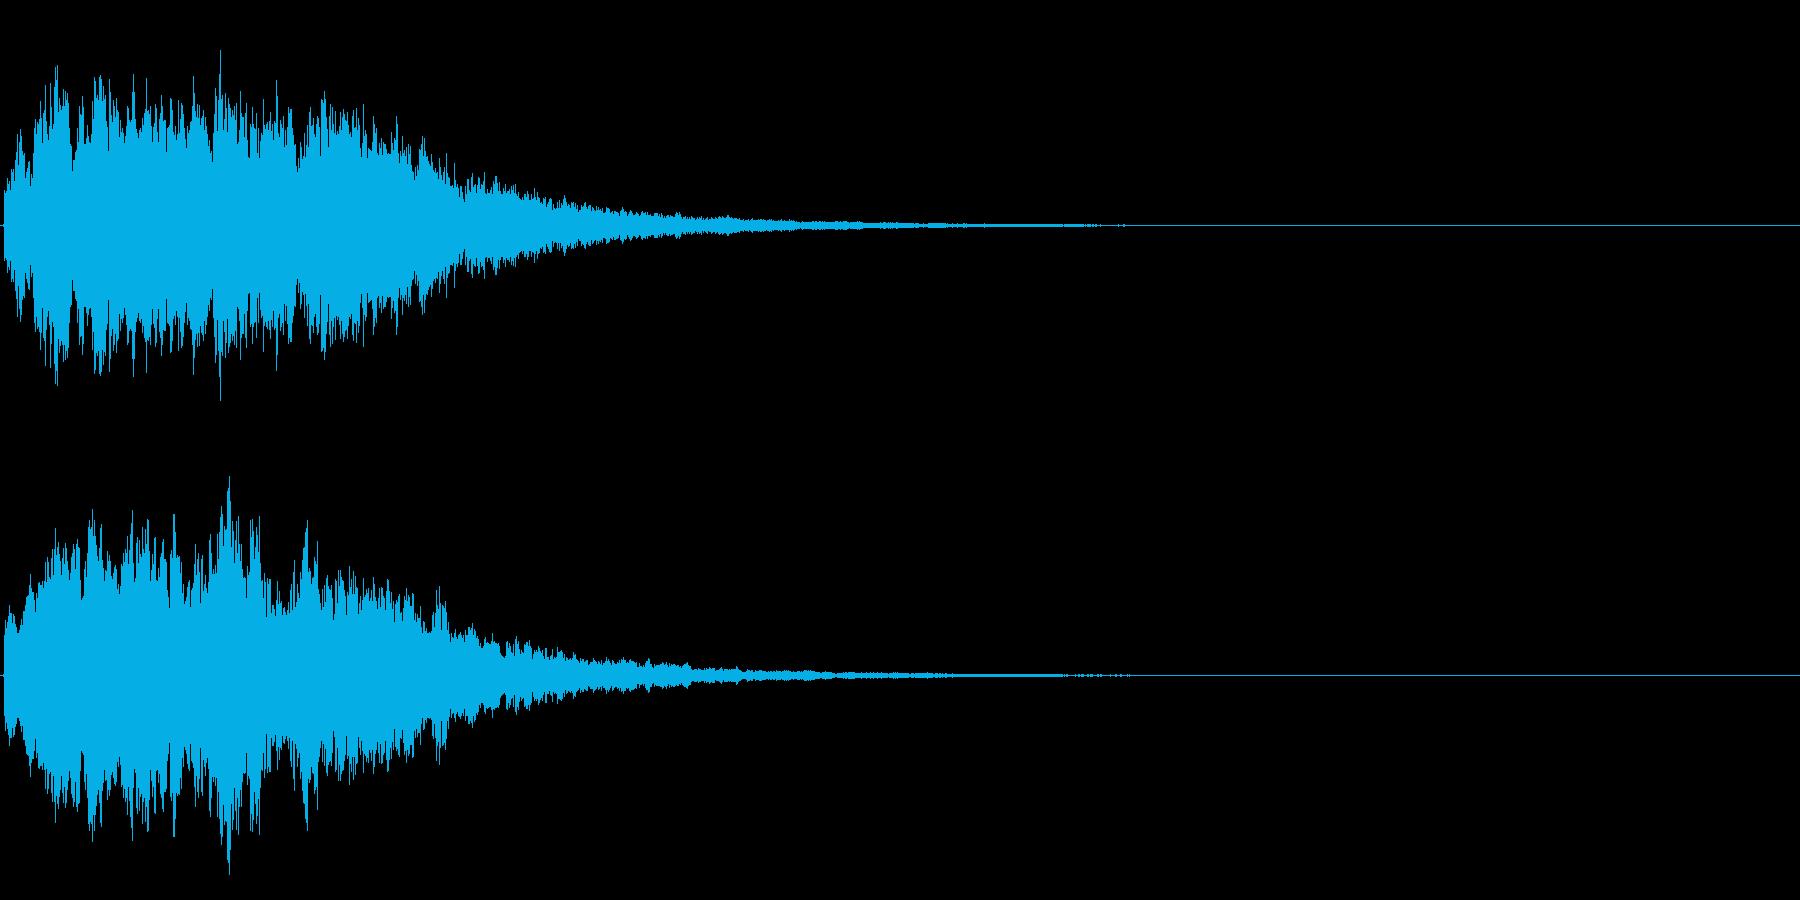 ゲームスタート、決定、ボタン音-049の再生済みの波形